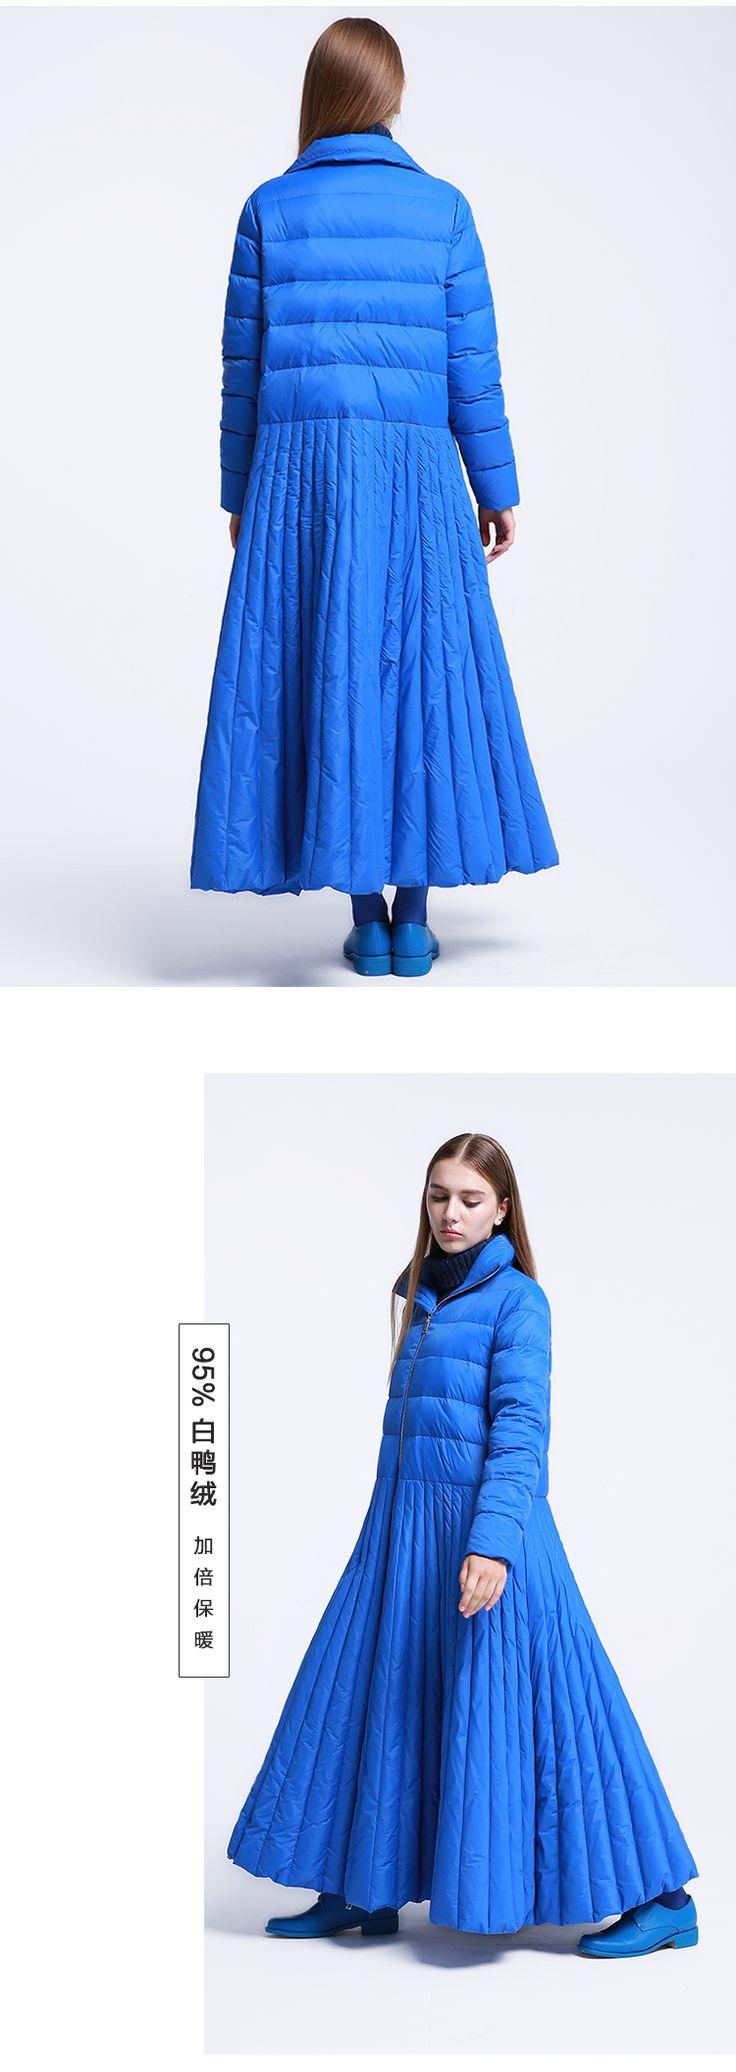 ЛИНЕТТ CHINOISERIE оригинальный дизайн 2016 новое прибытие длинные молнии дизайн стенда воротник верхней одежды пуховик женский белая утка купить на AliExpress